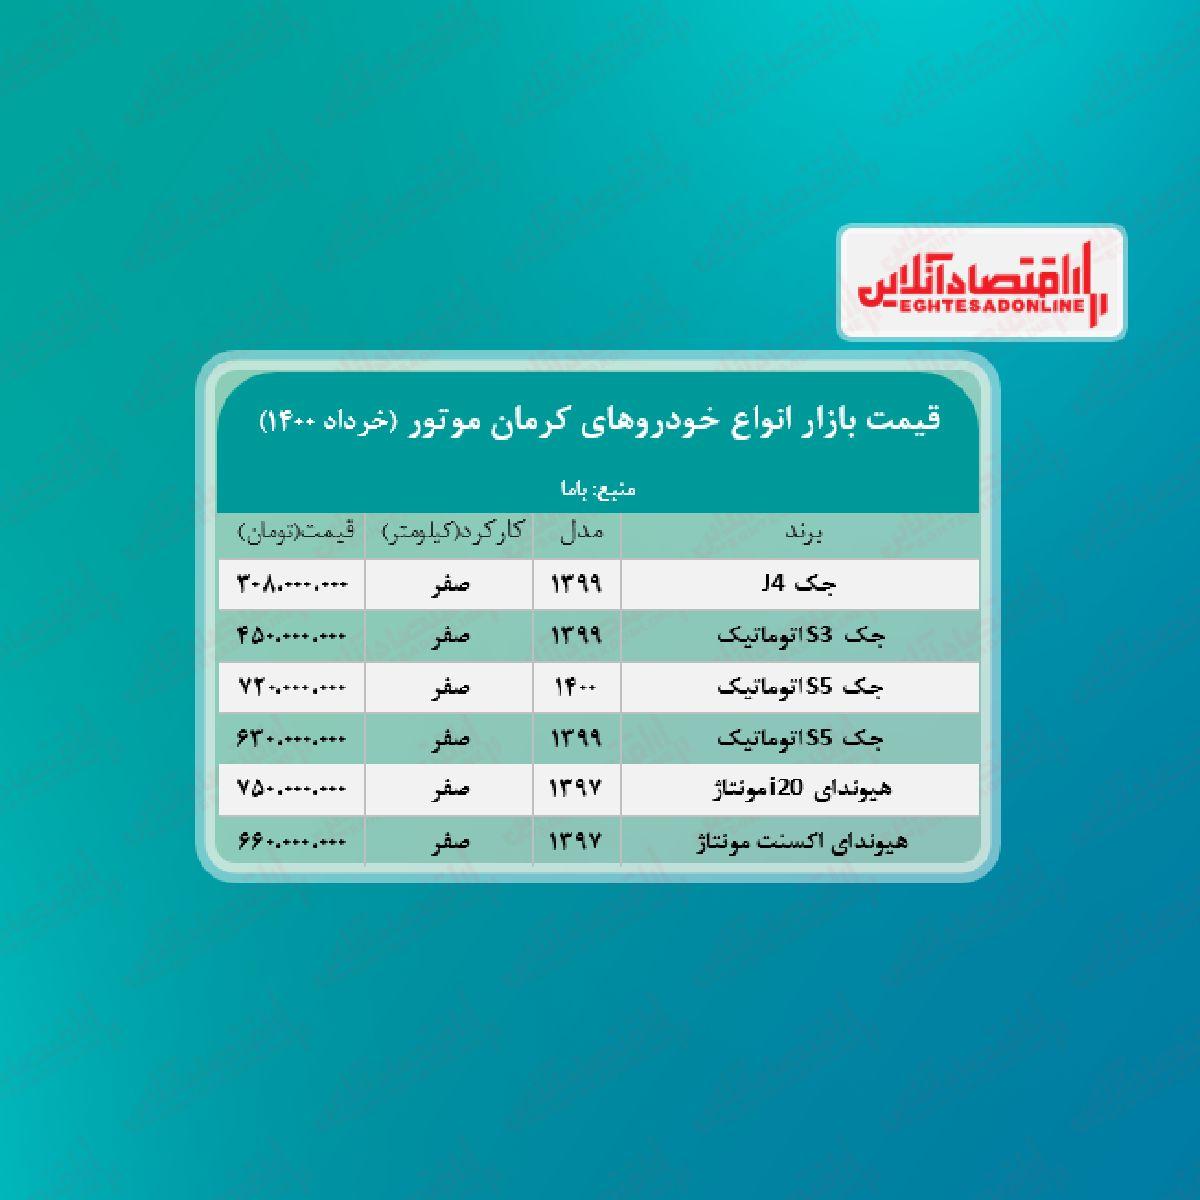 قیمت محصولات کرمان موتور امروز ۱۴۰۰/۳/۱۶